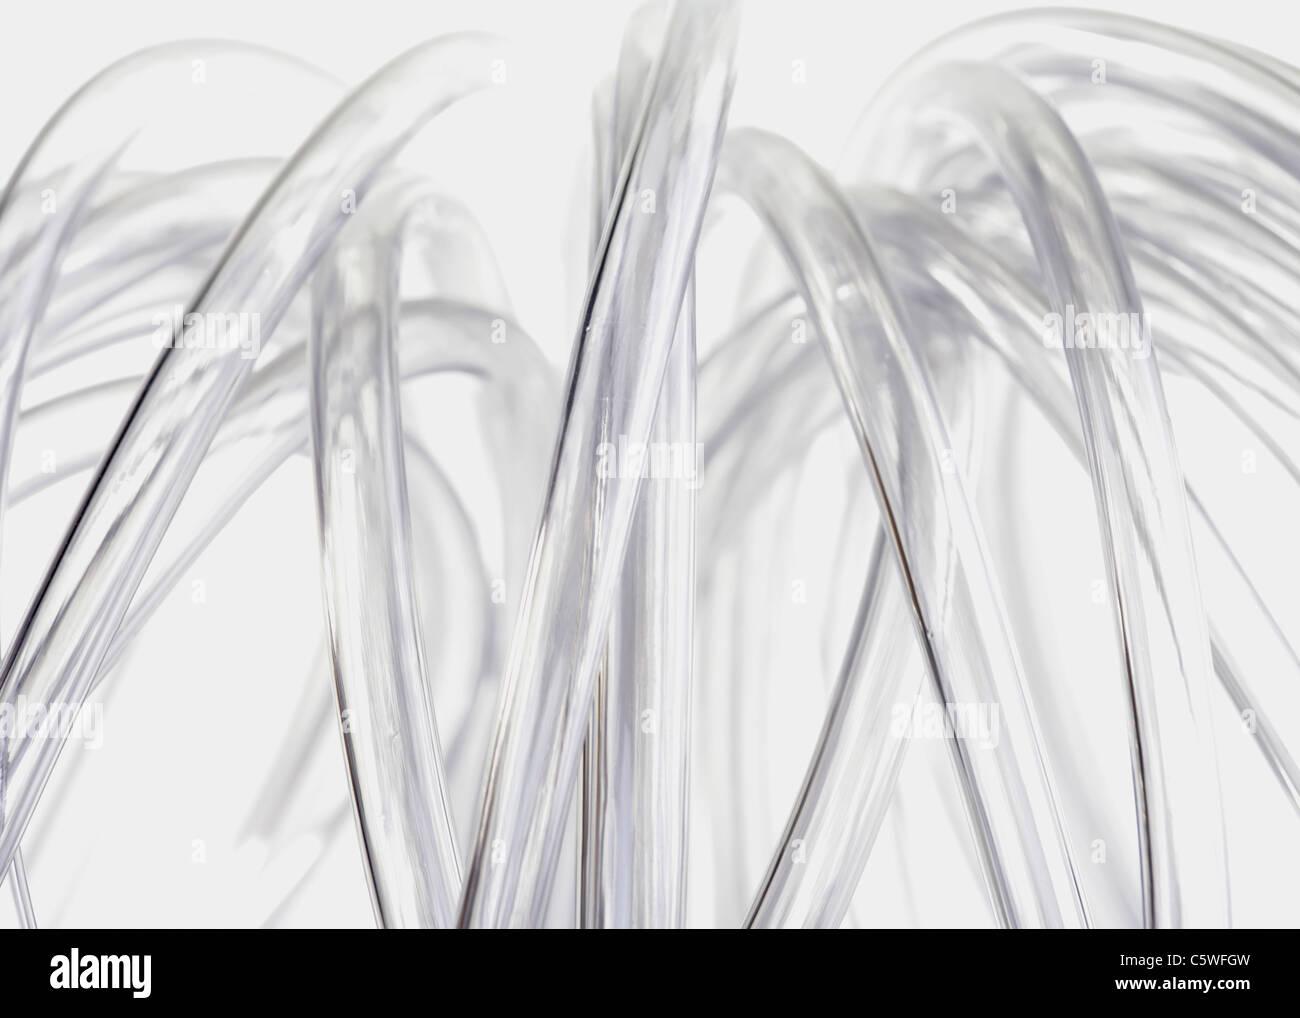 Kunststoff-Rohre vor weißem Hintergrund Stockbild